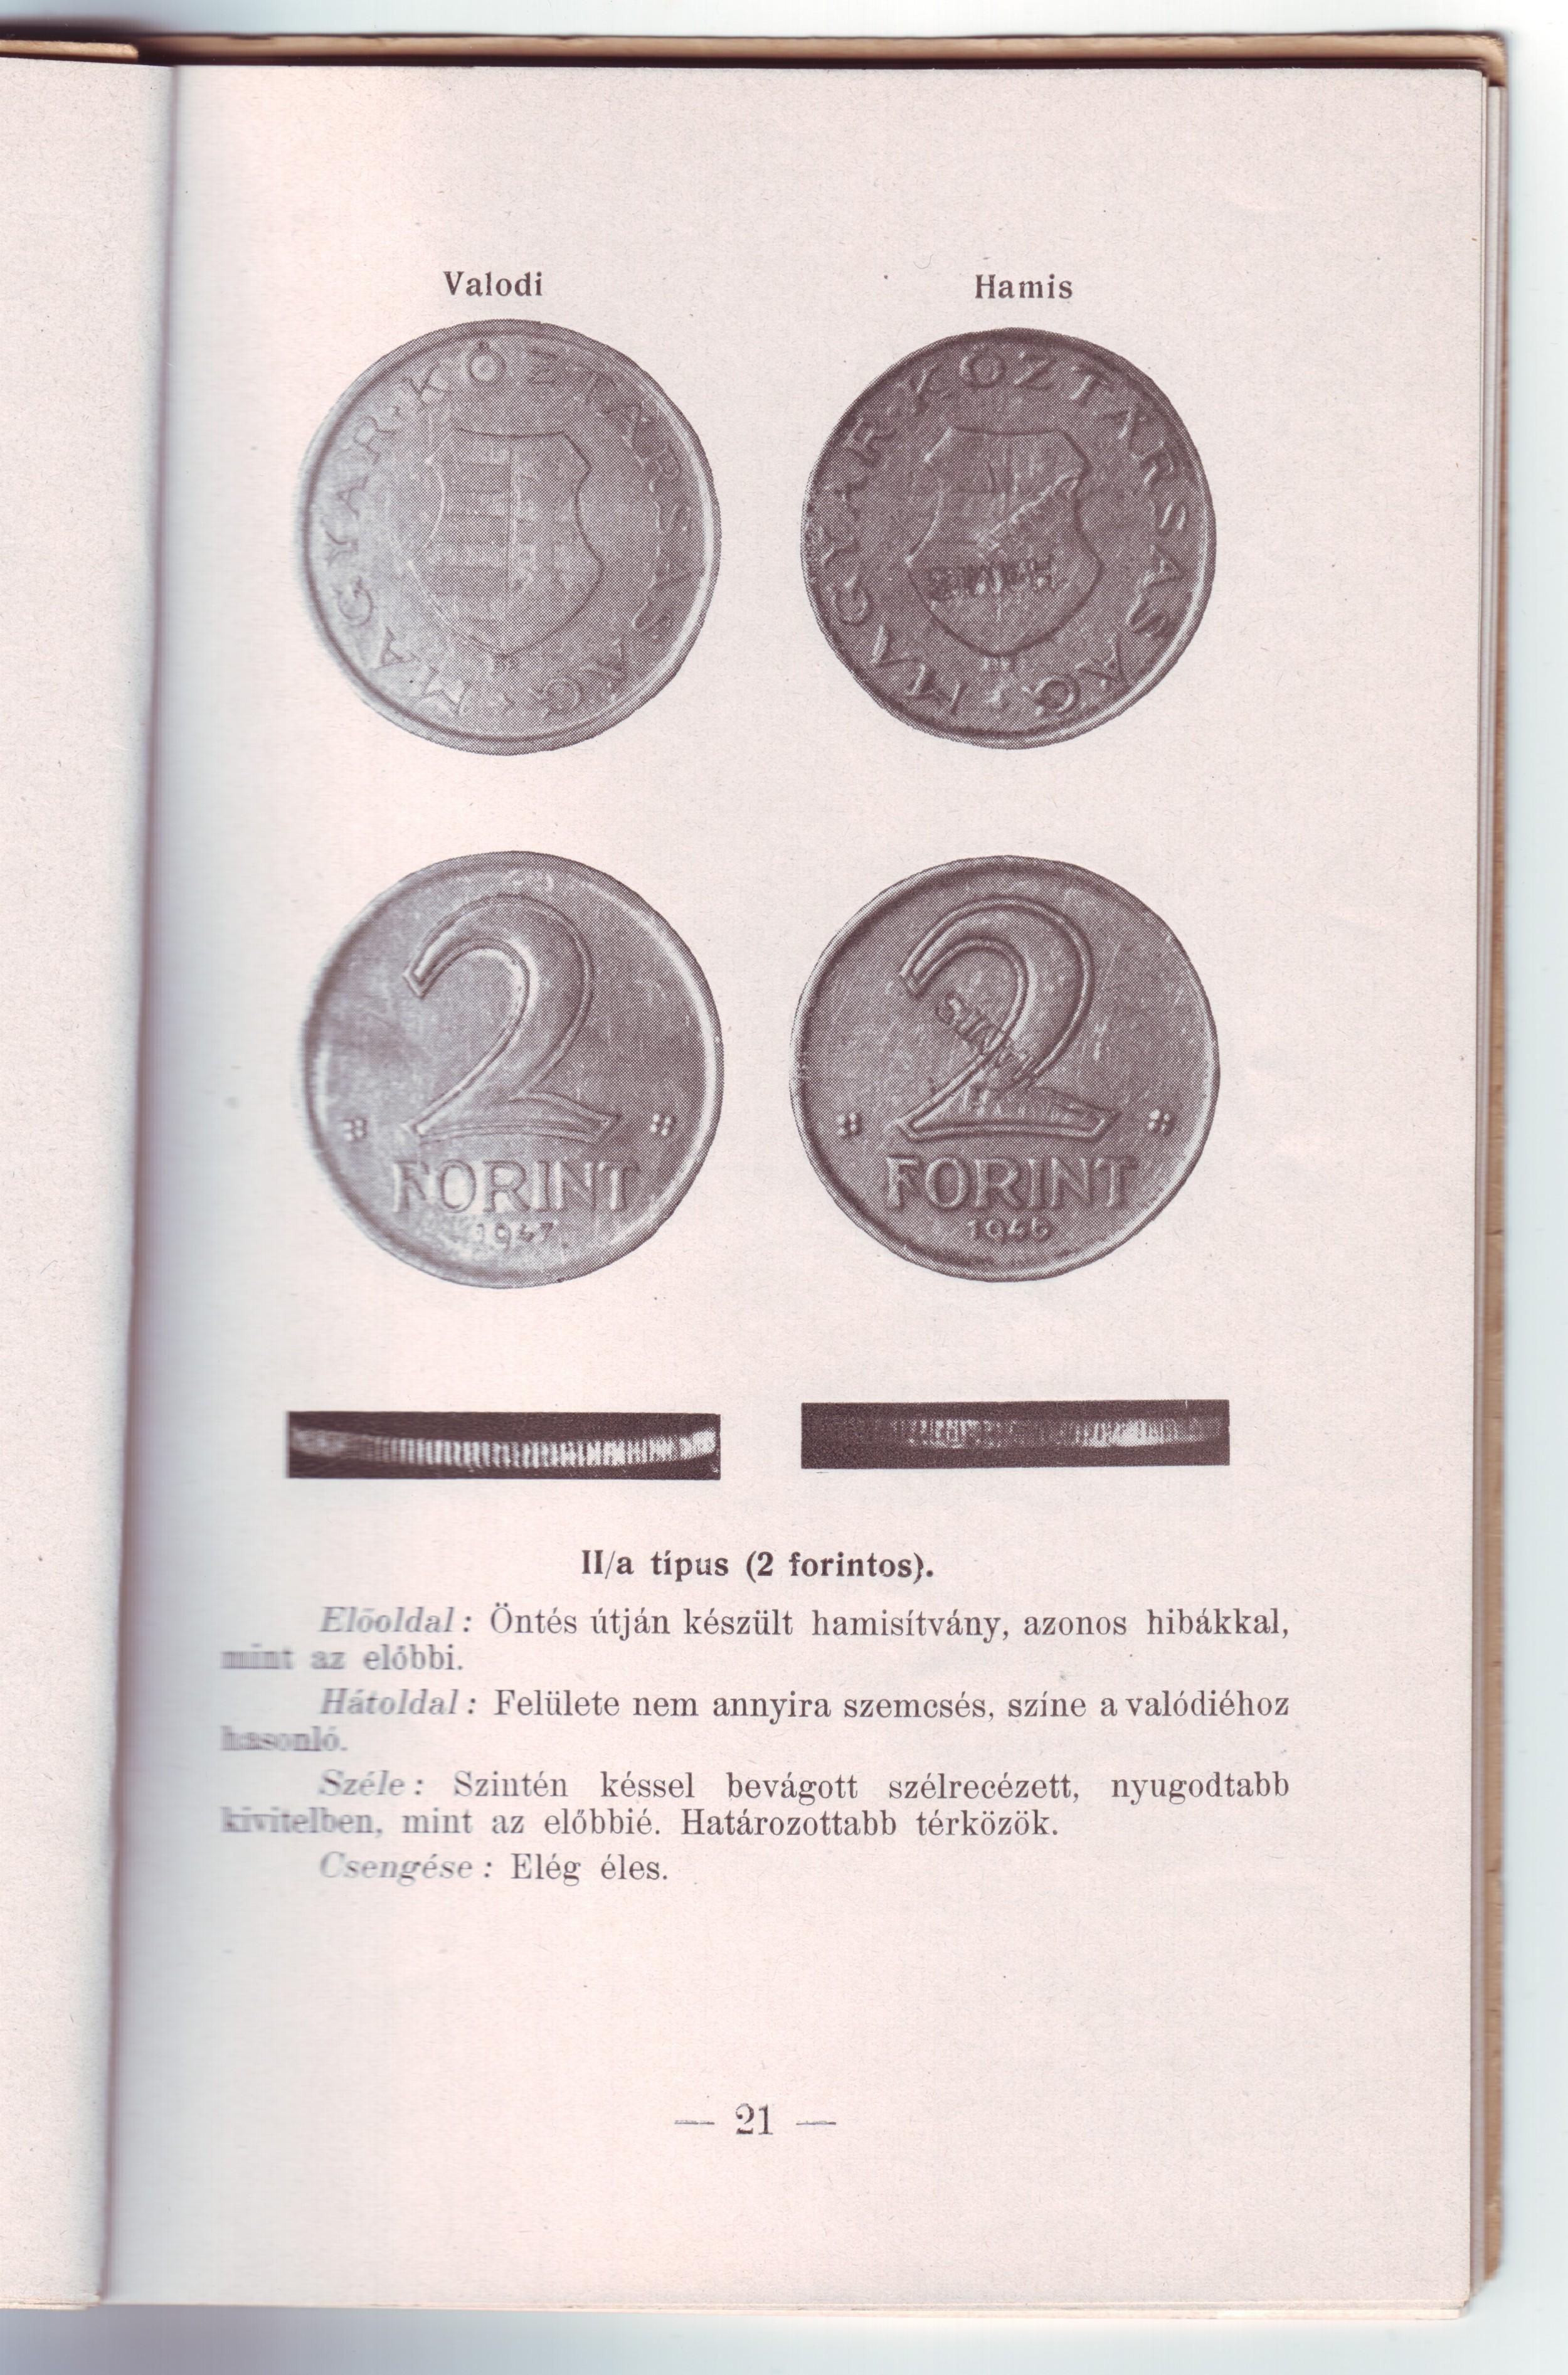 http://www.forintportal.hu/hirek/1946-os-2-forint-eredeti-es-az-artex-utanveret/1946-os-2-forint-eredeti-es-az-artex-utanveret_bp-rendfk-penzhamisitasi-osztaly-1949_nagy.jpg